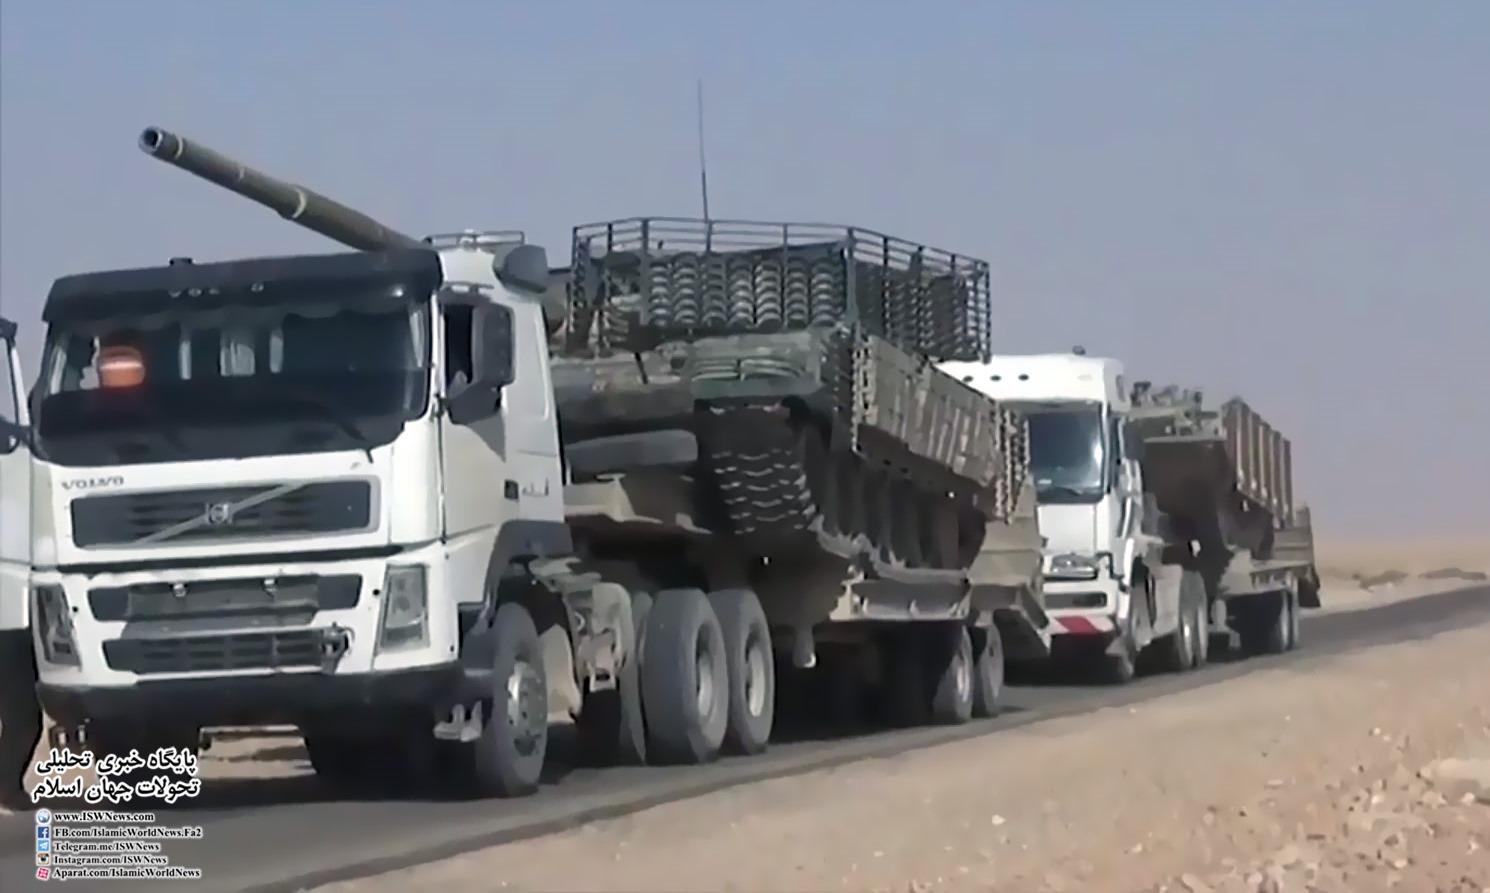 تغییر استراتژی ارتش سوریه، کلید چرخش معادله قدرت در بیابان ها